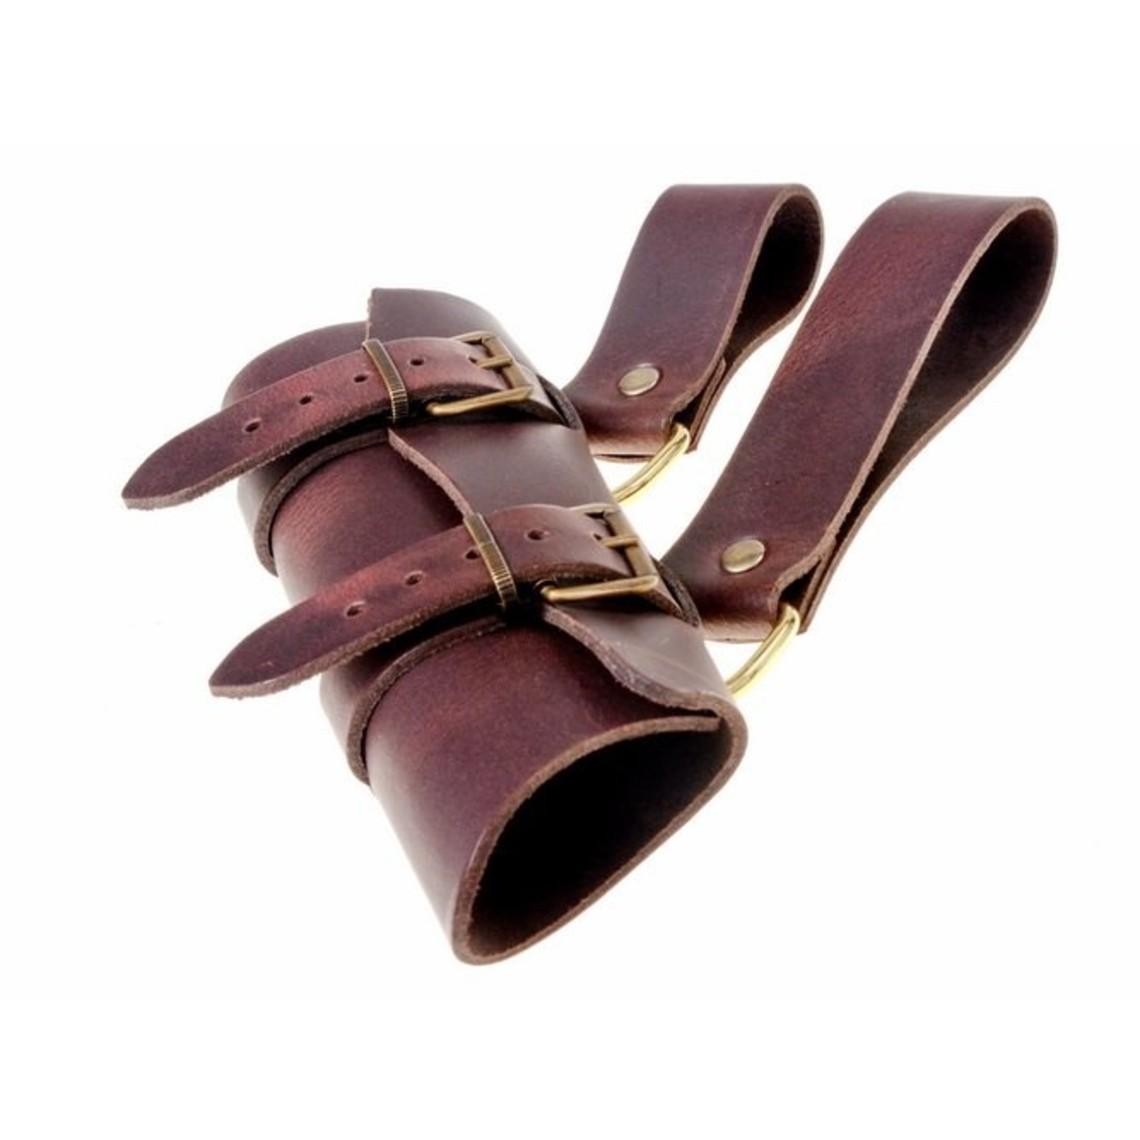 titular de la espada de cuero de lujo, marrón